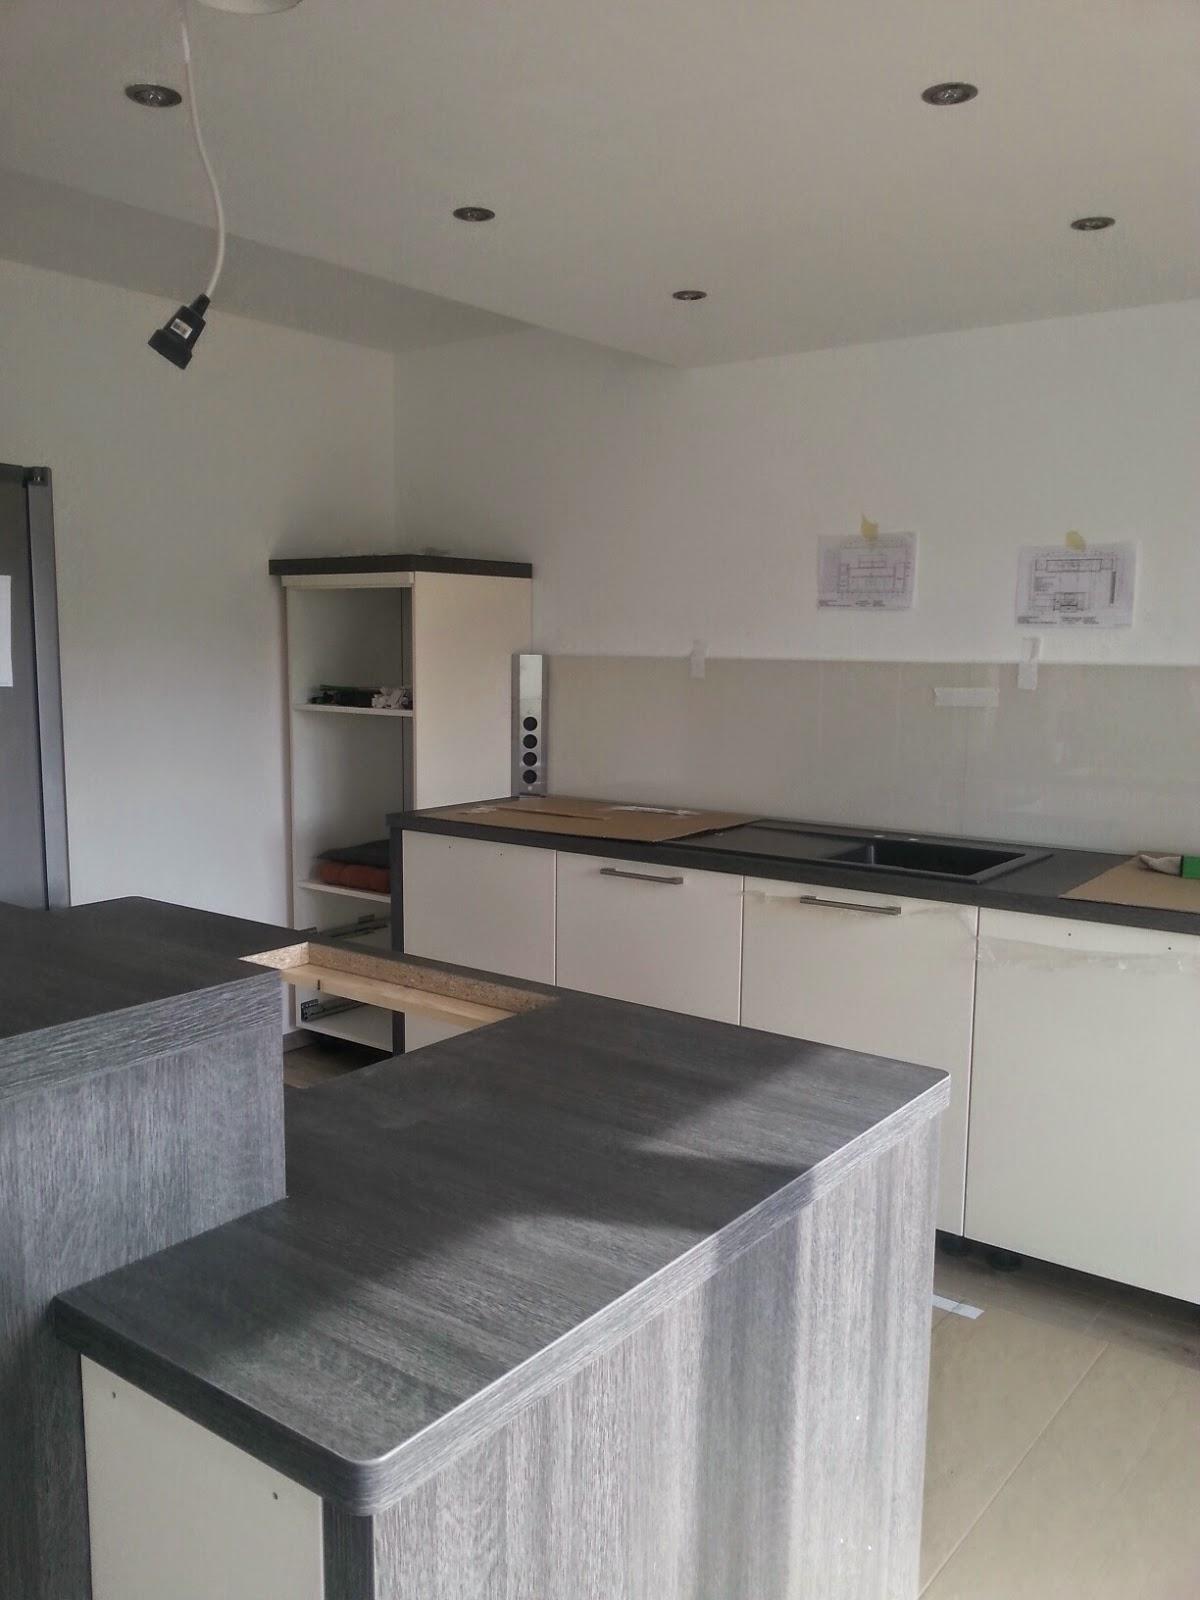 Baublog Heinz von Heiden! Unser Traum vom Haus: Die Küche kommt!!!!